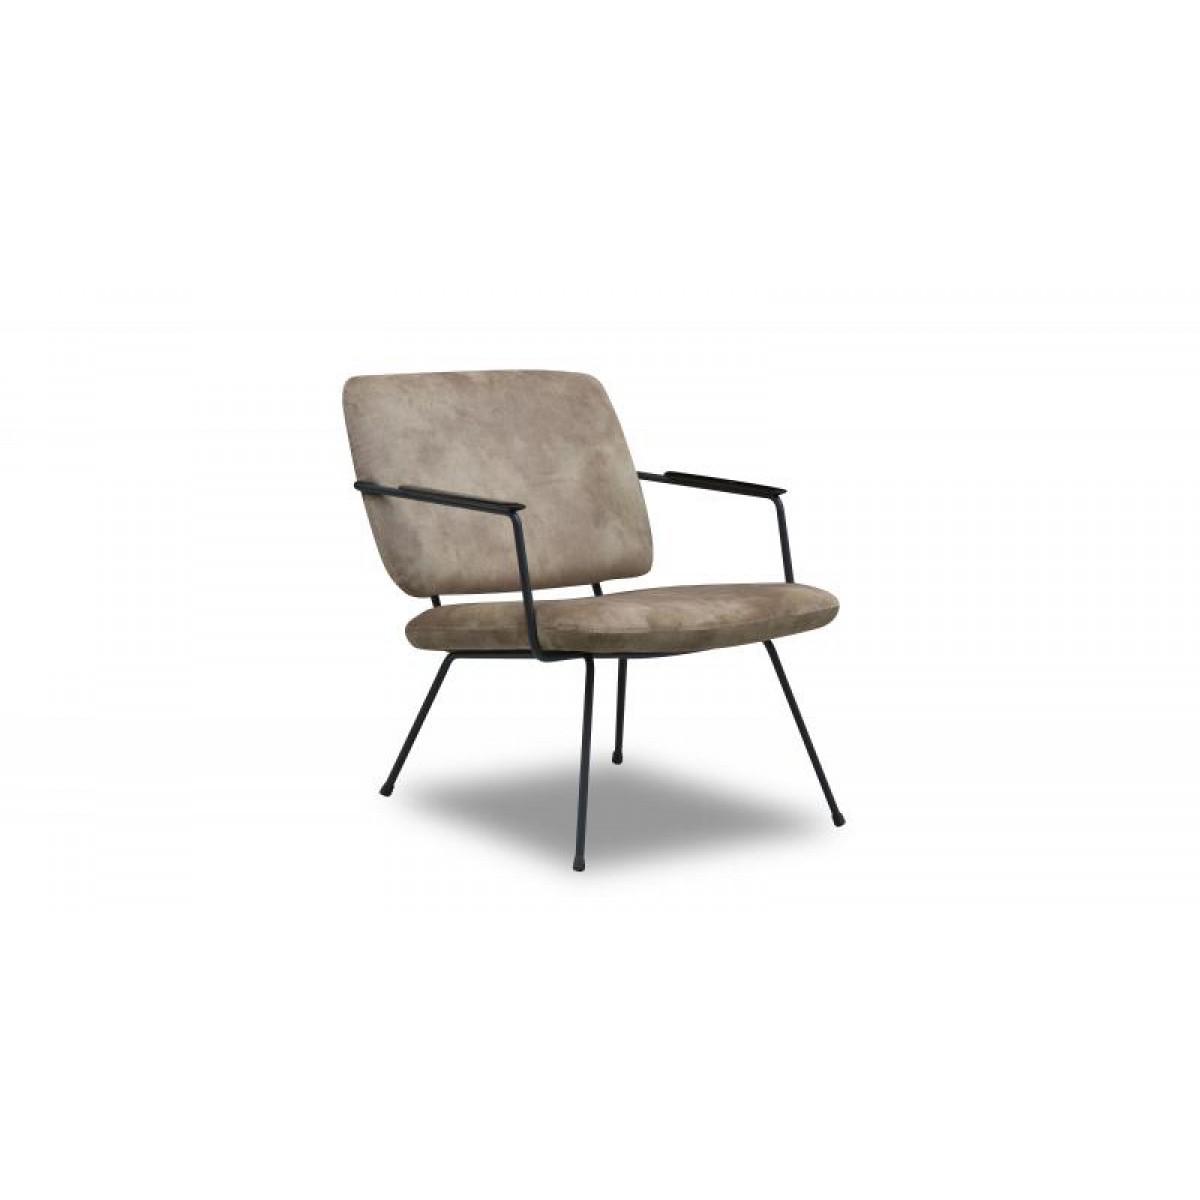 bossa-nova-fauteuil-metaalframe-eco-leer